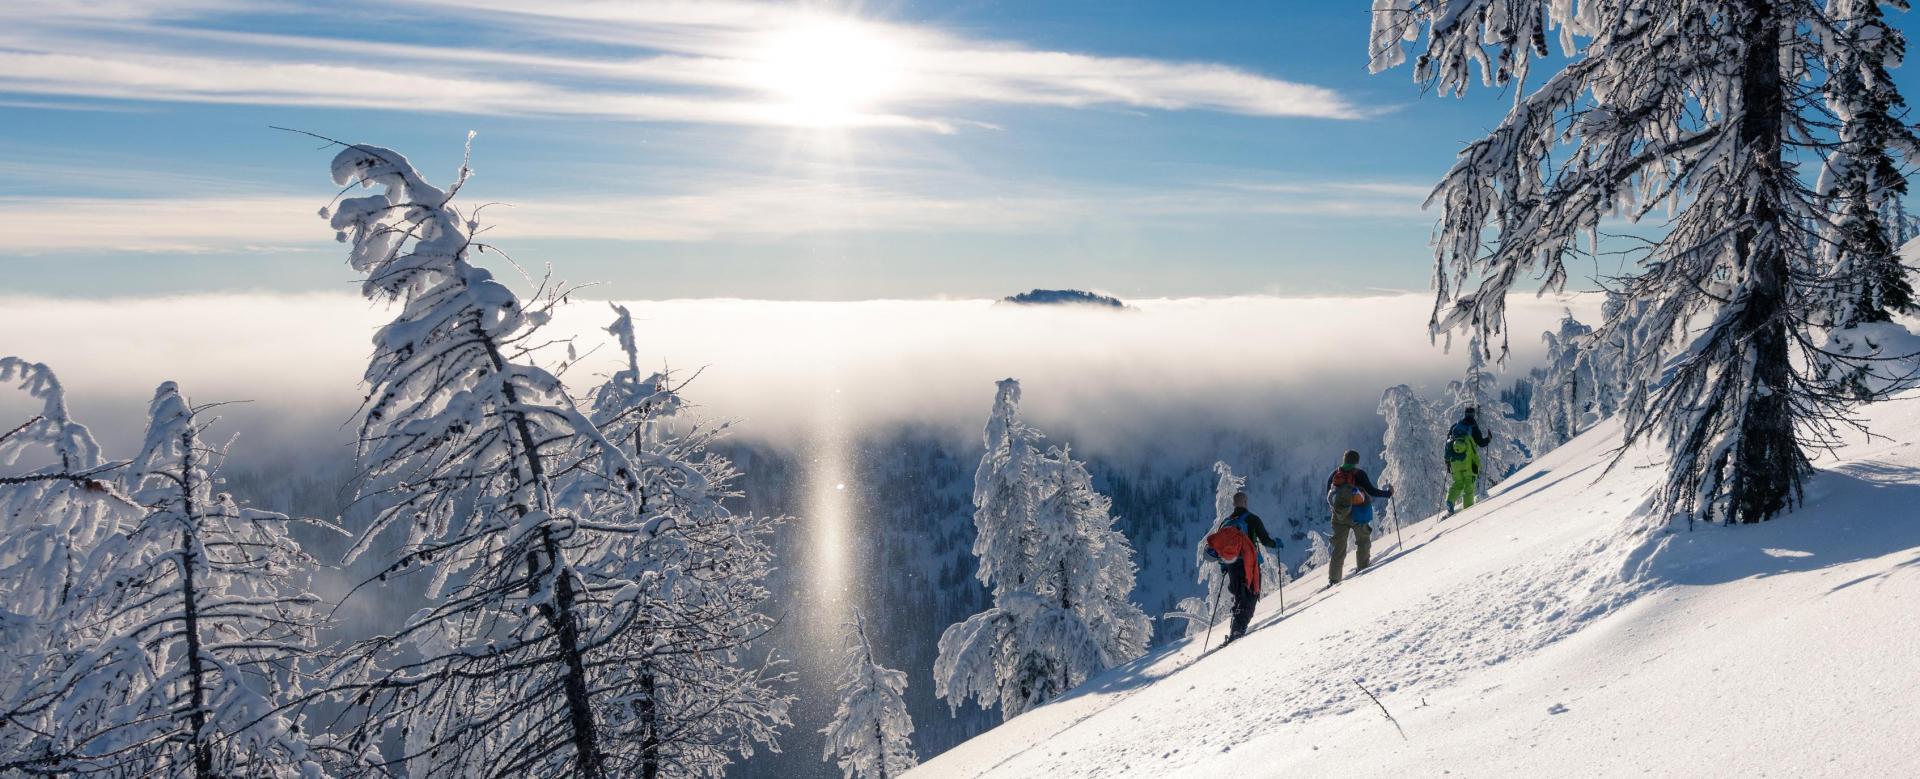 Voyage à pied : La traversée des tatras à skis de randonnée